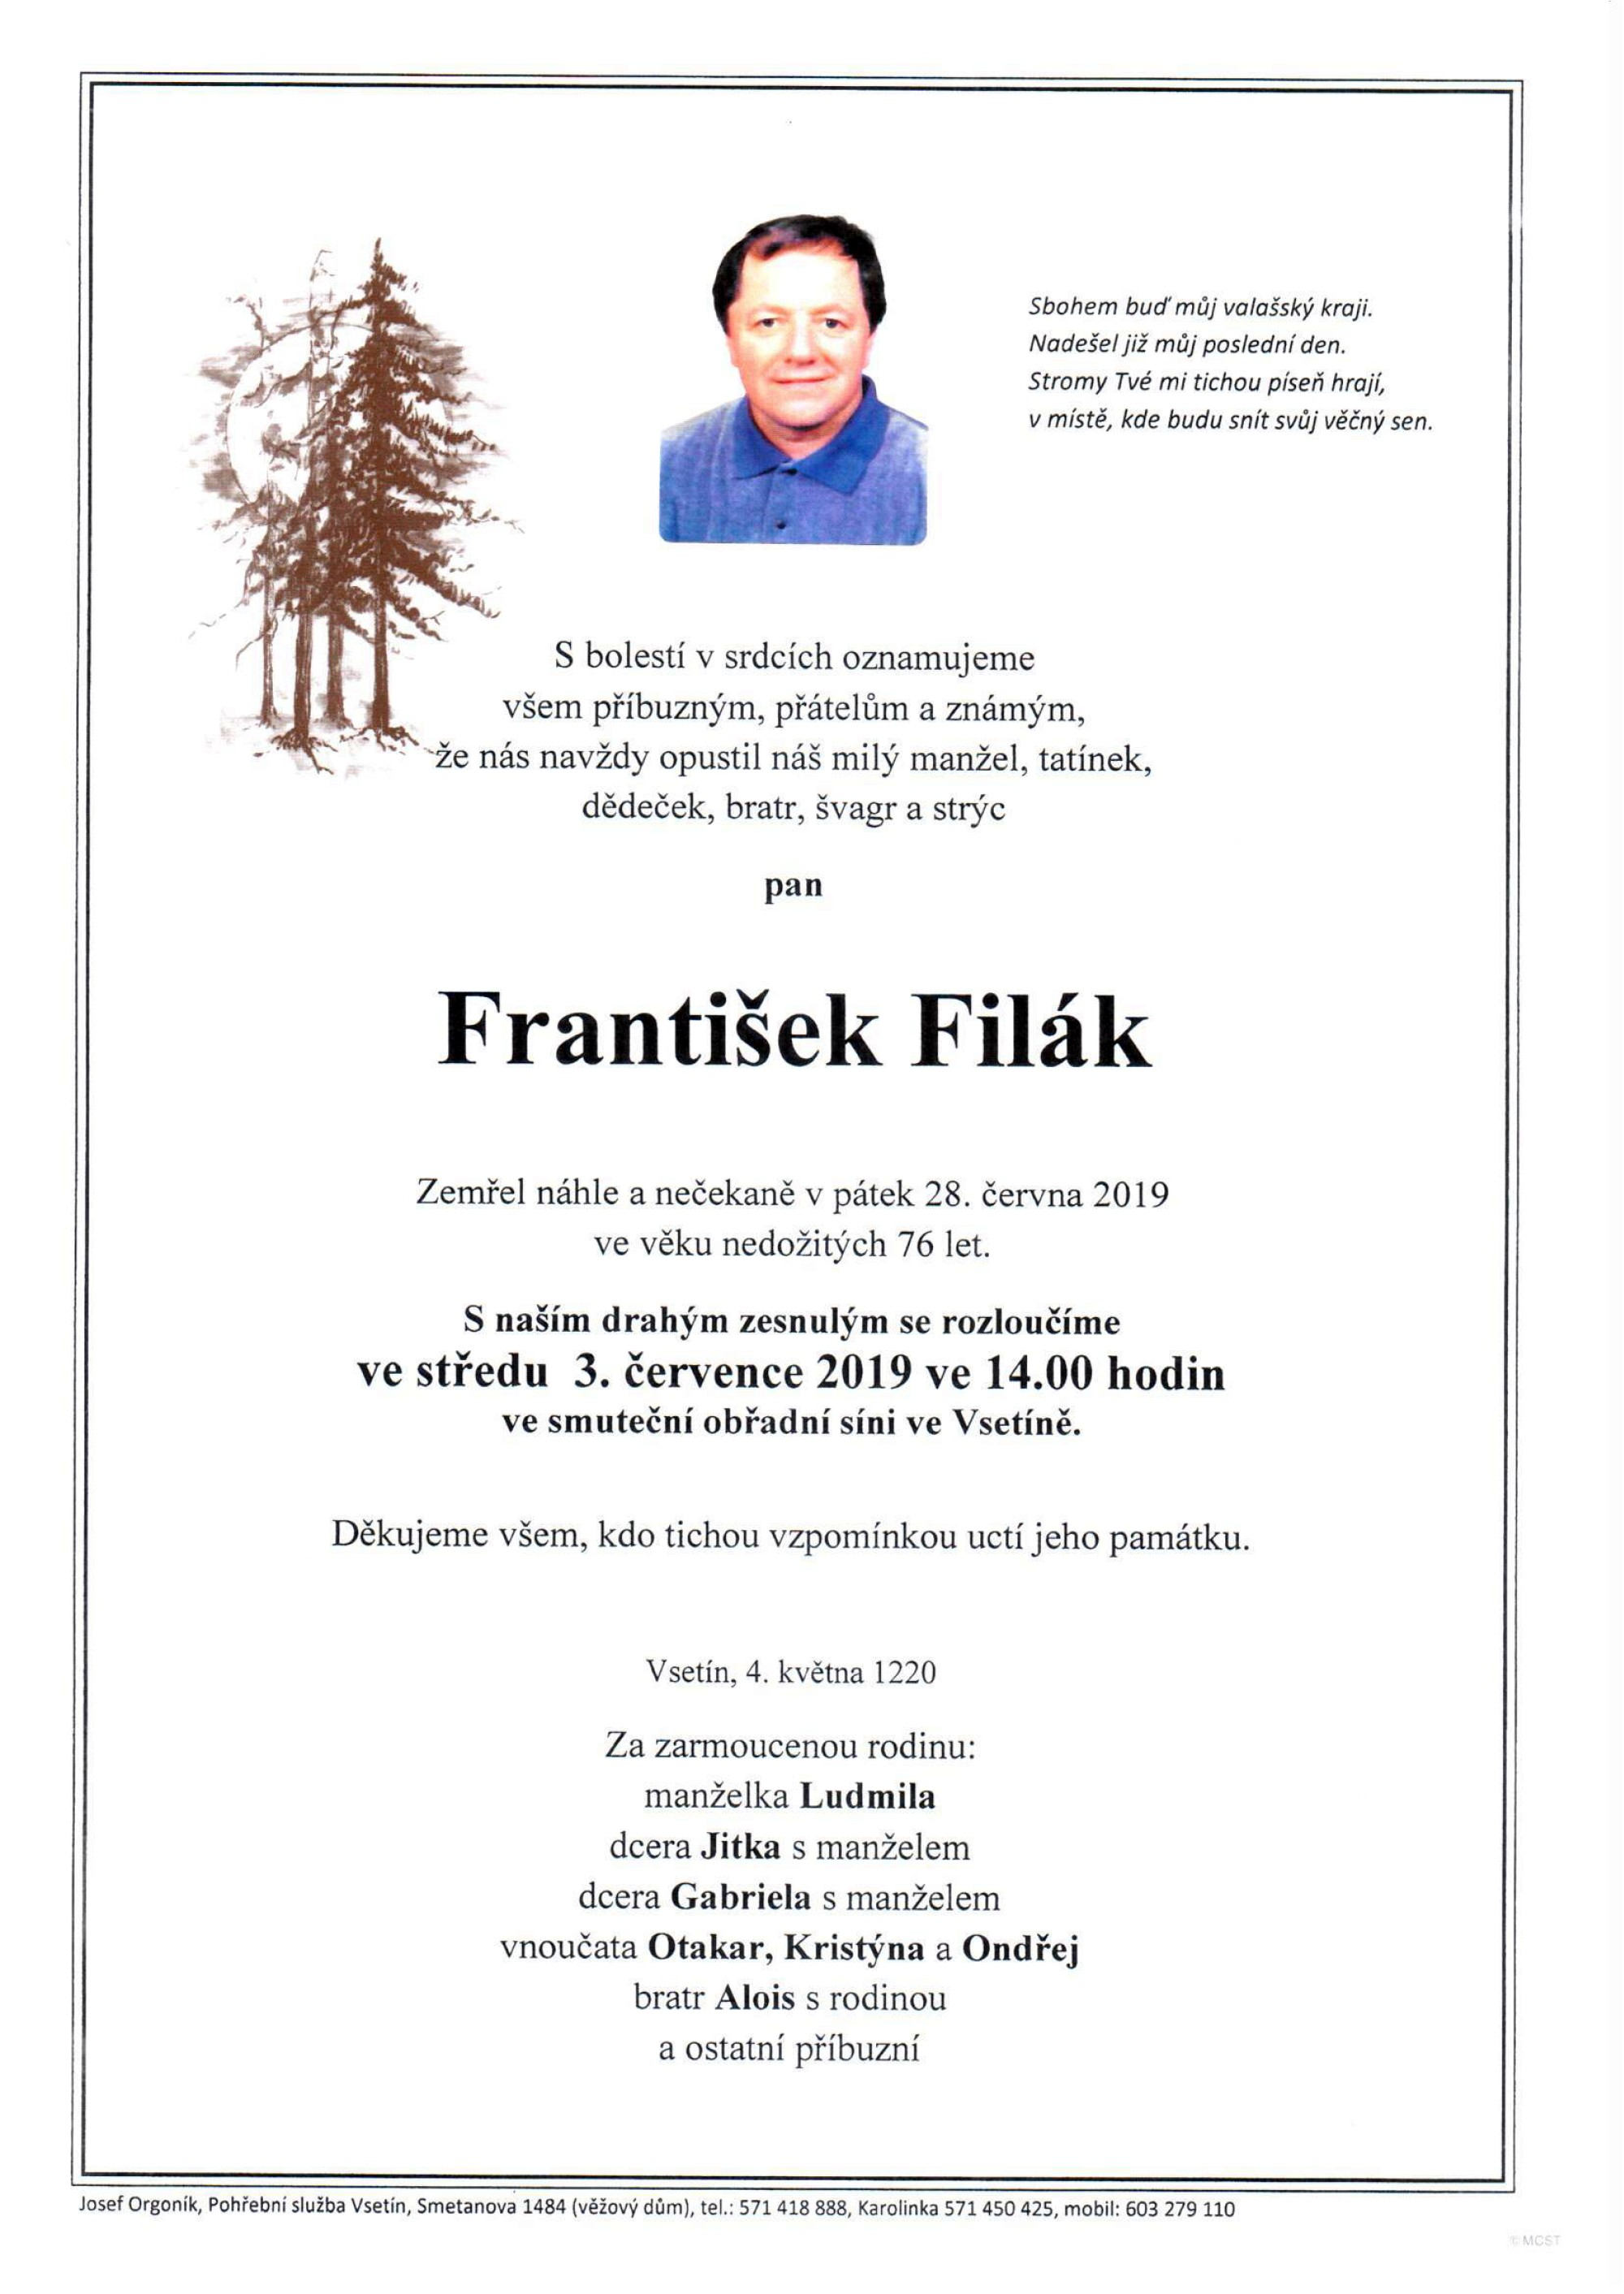 František Filák